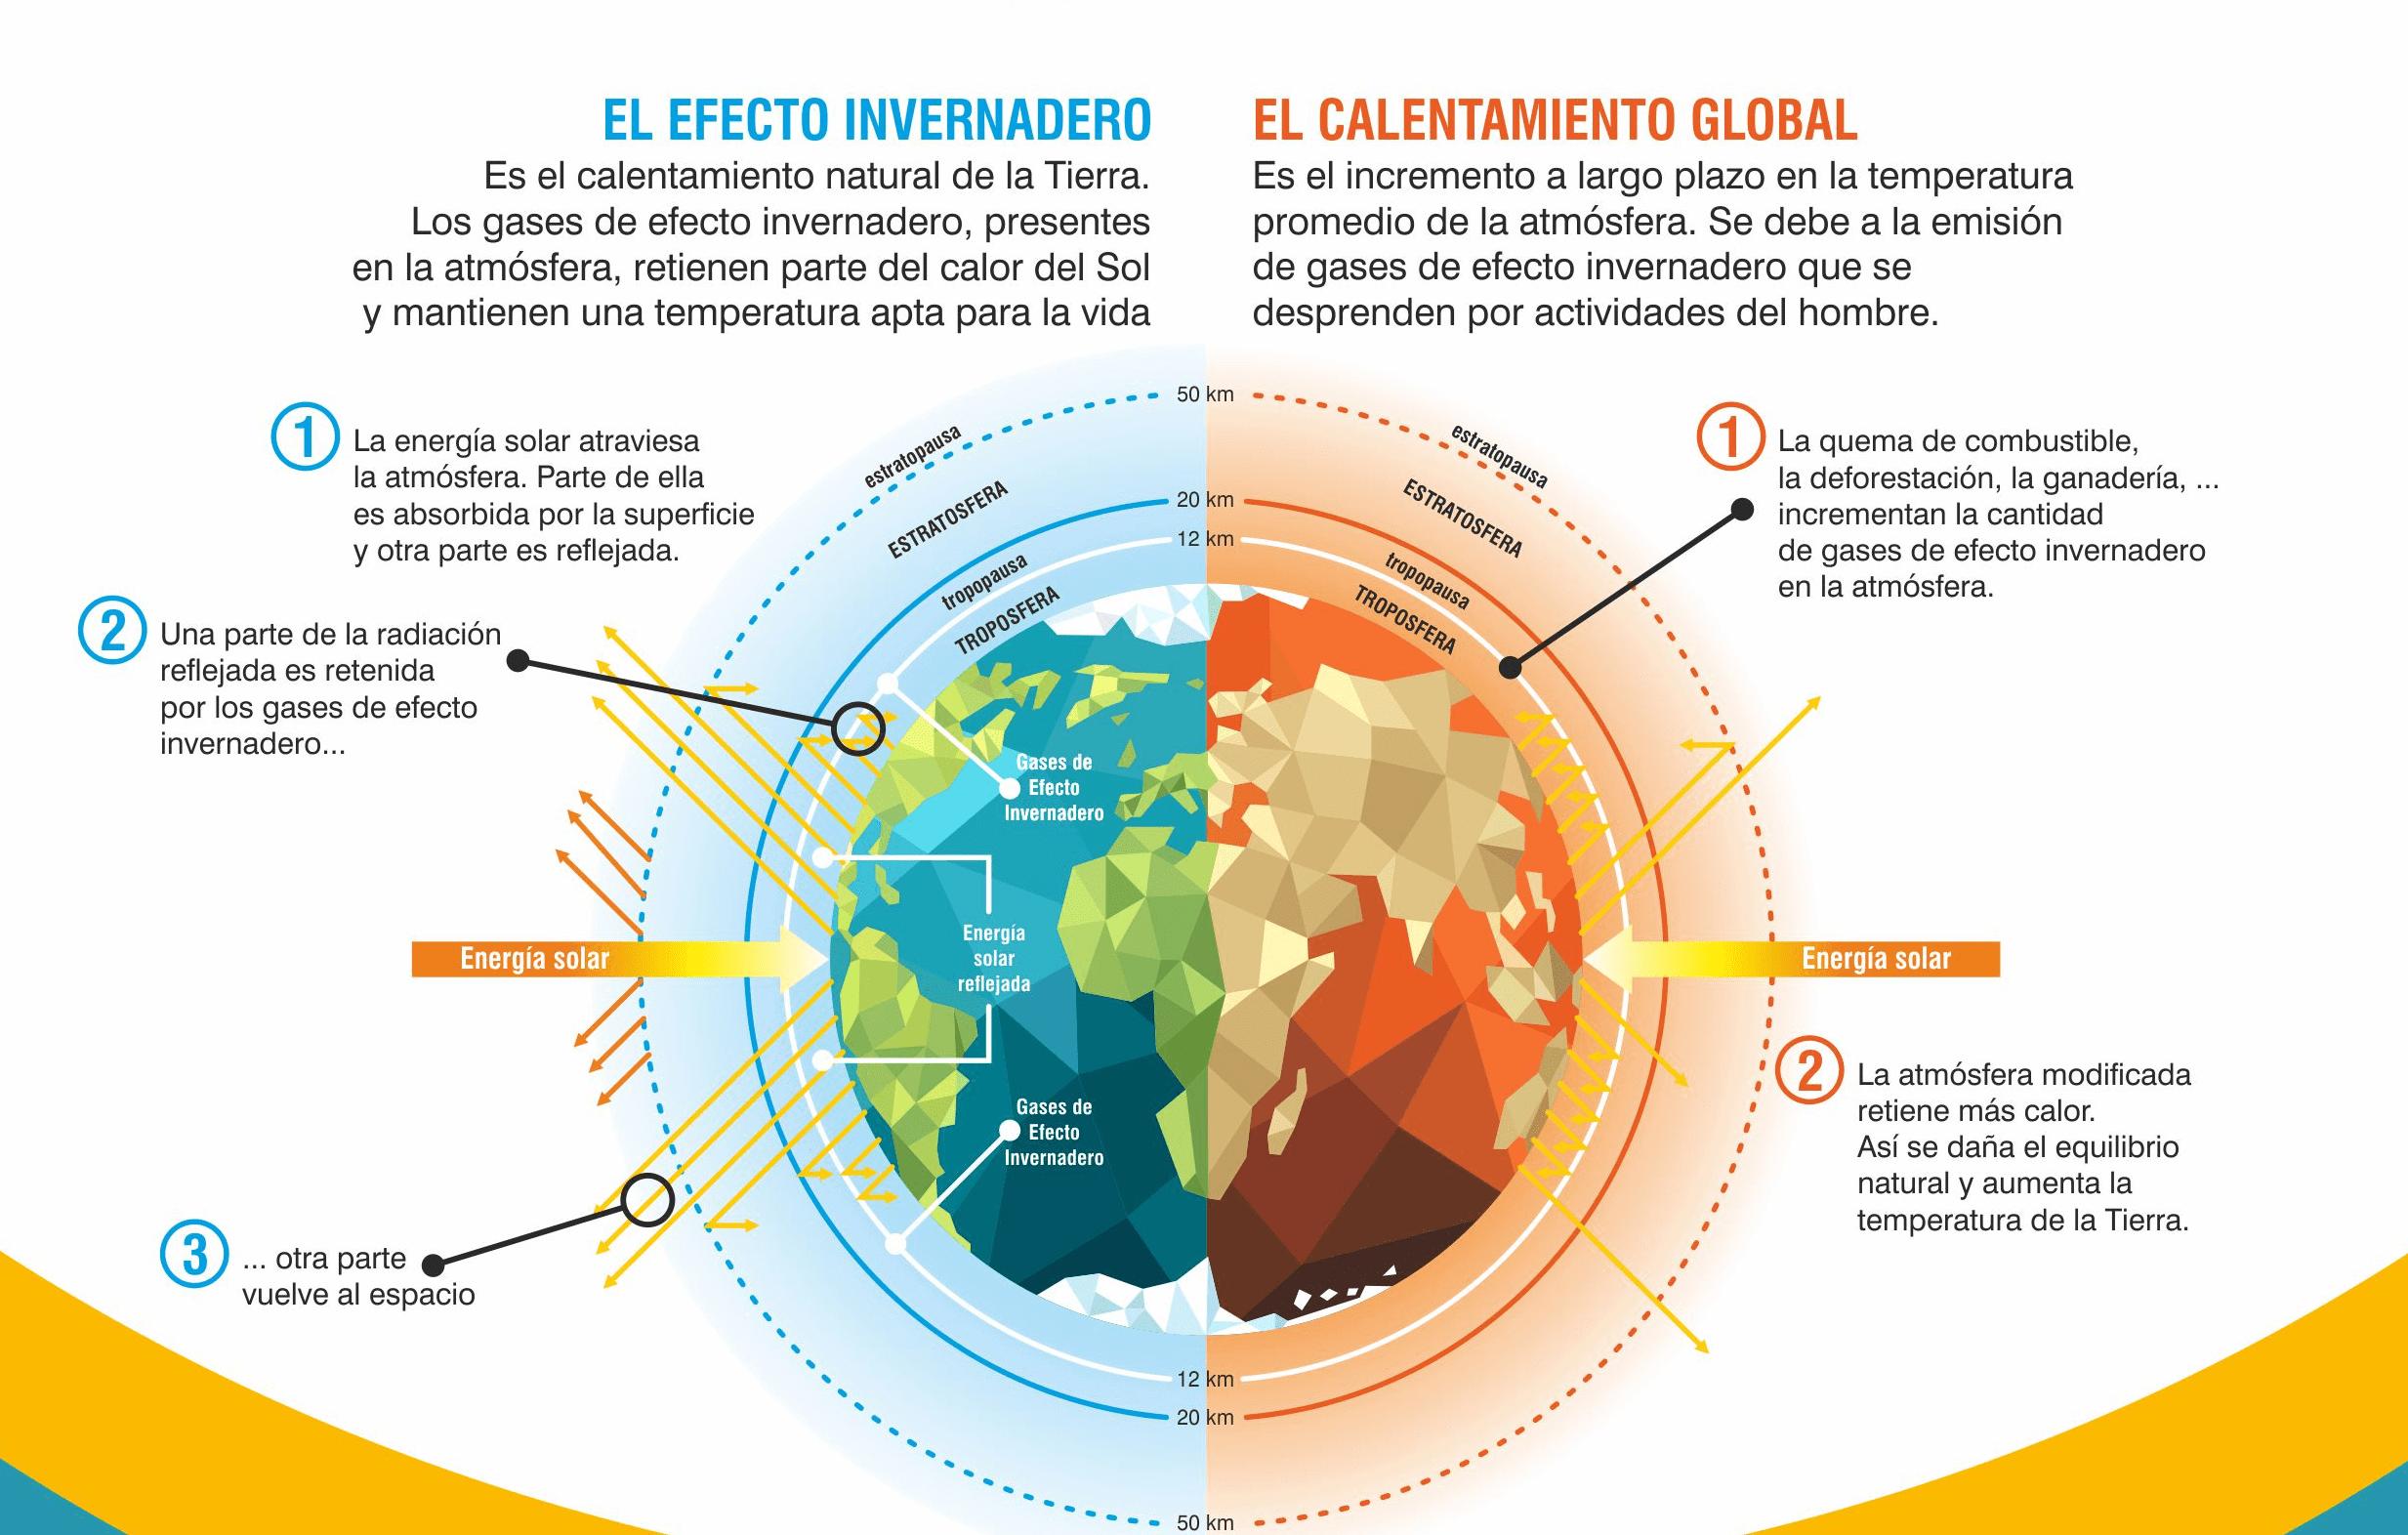 El efecto invernadero y el calentamiento global.